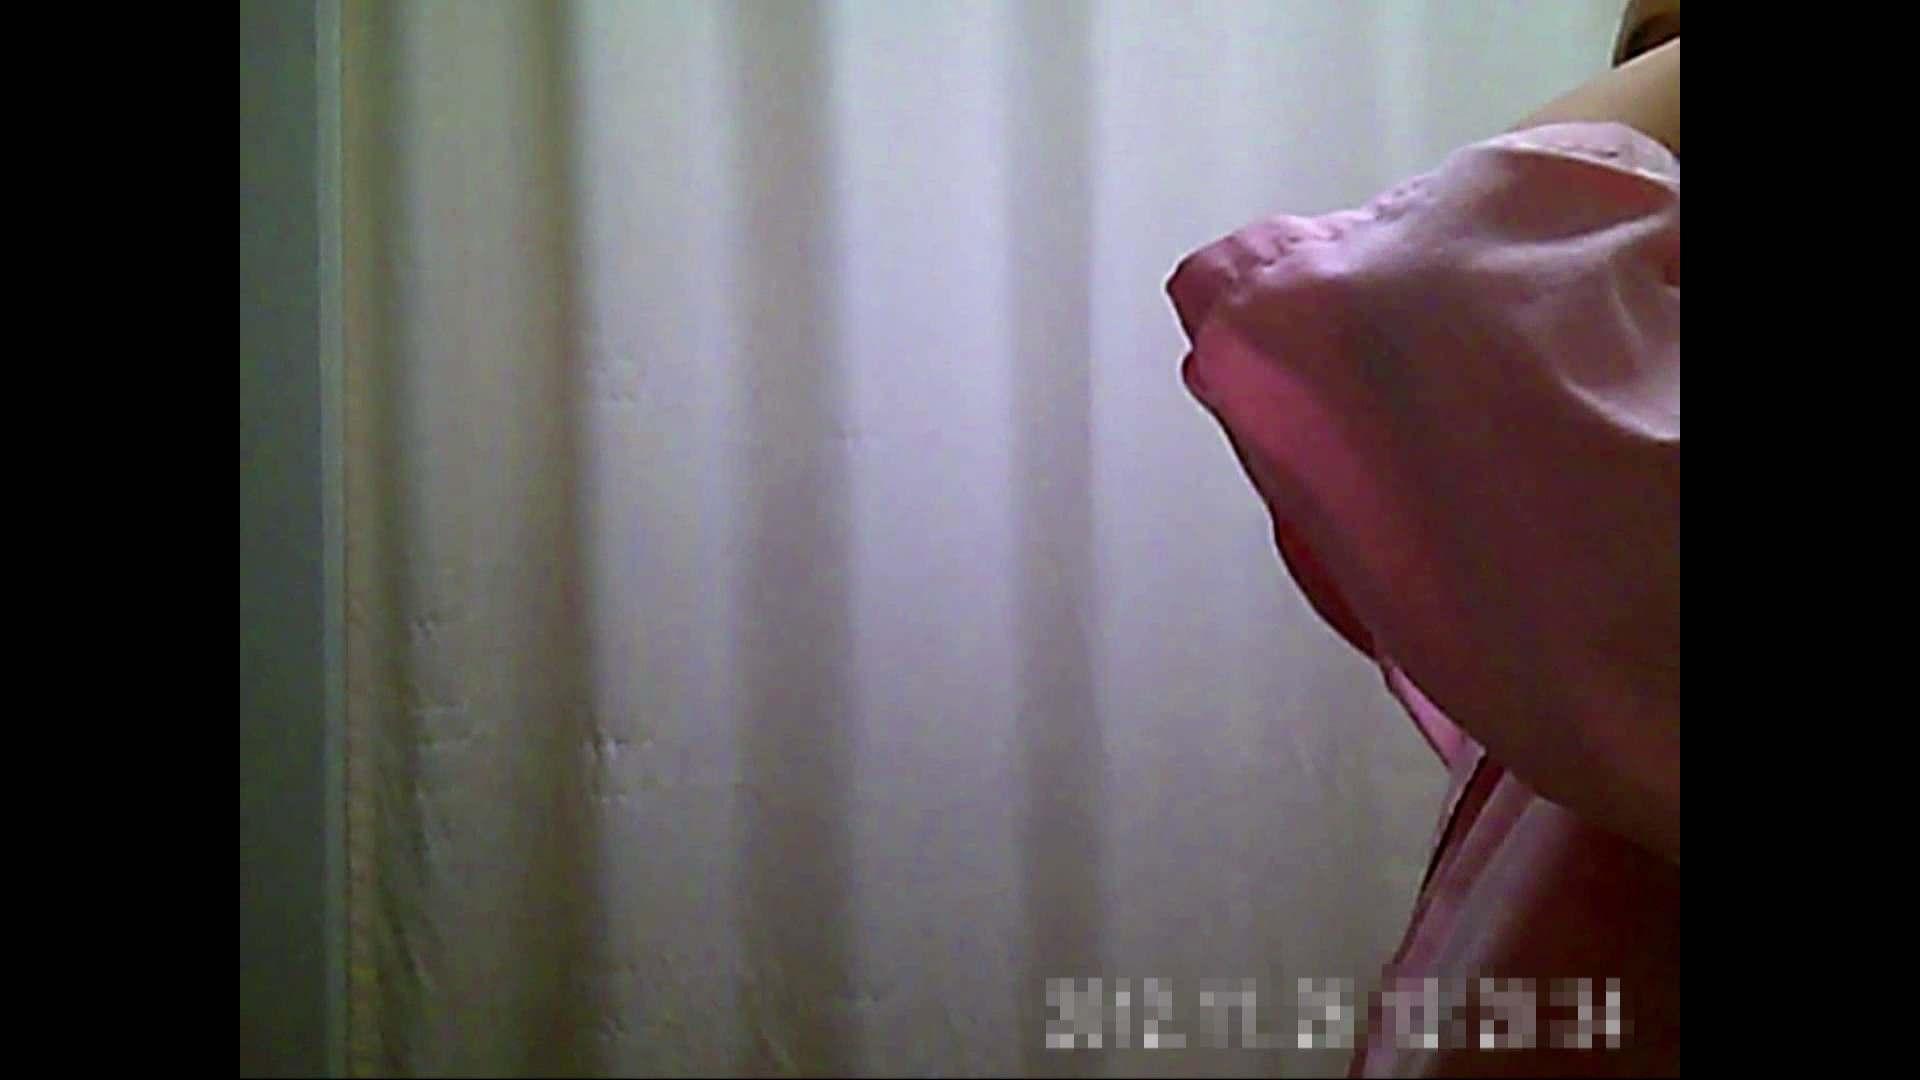 病院おもいっきり着替え! vol.159 着替え 盗撮オマンコ無修正動画無料 106画像 17